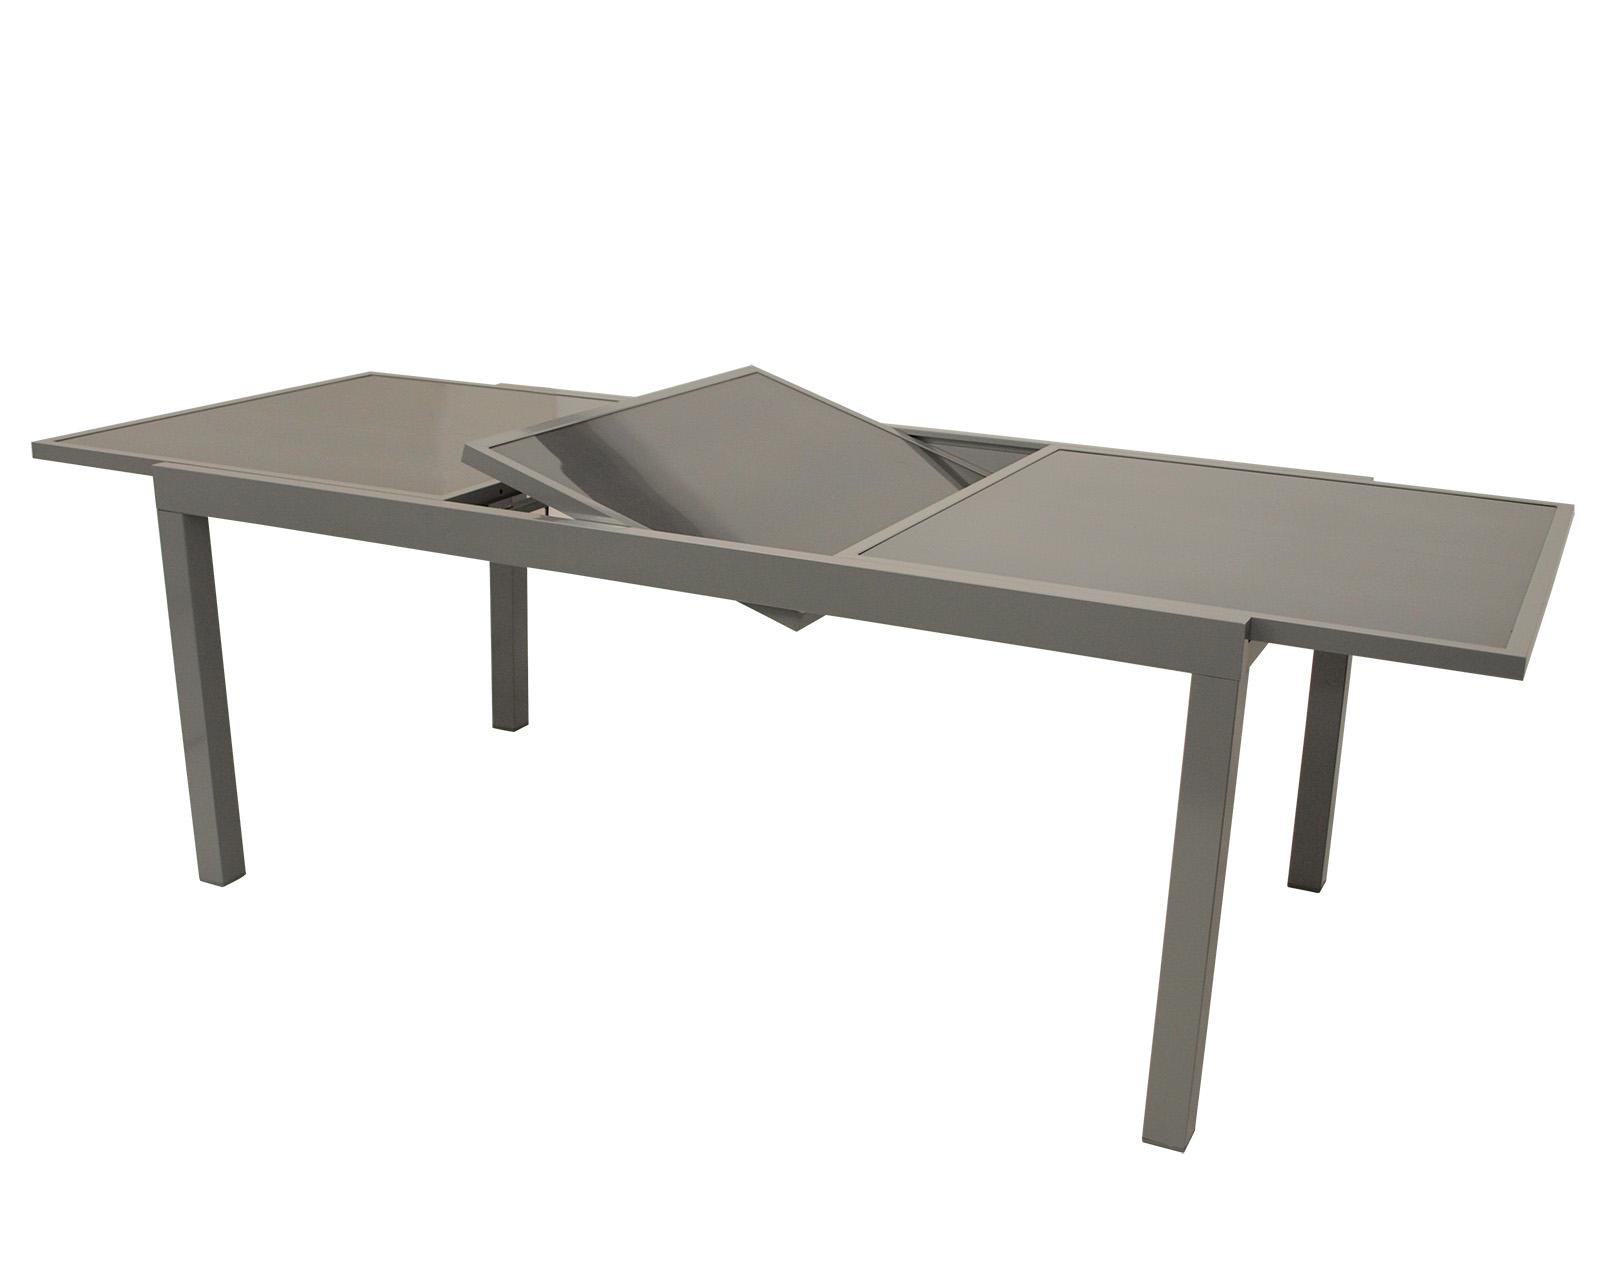 Ausziehtisch PISA 140/200x90cm, Aluminium + Glas grau